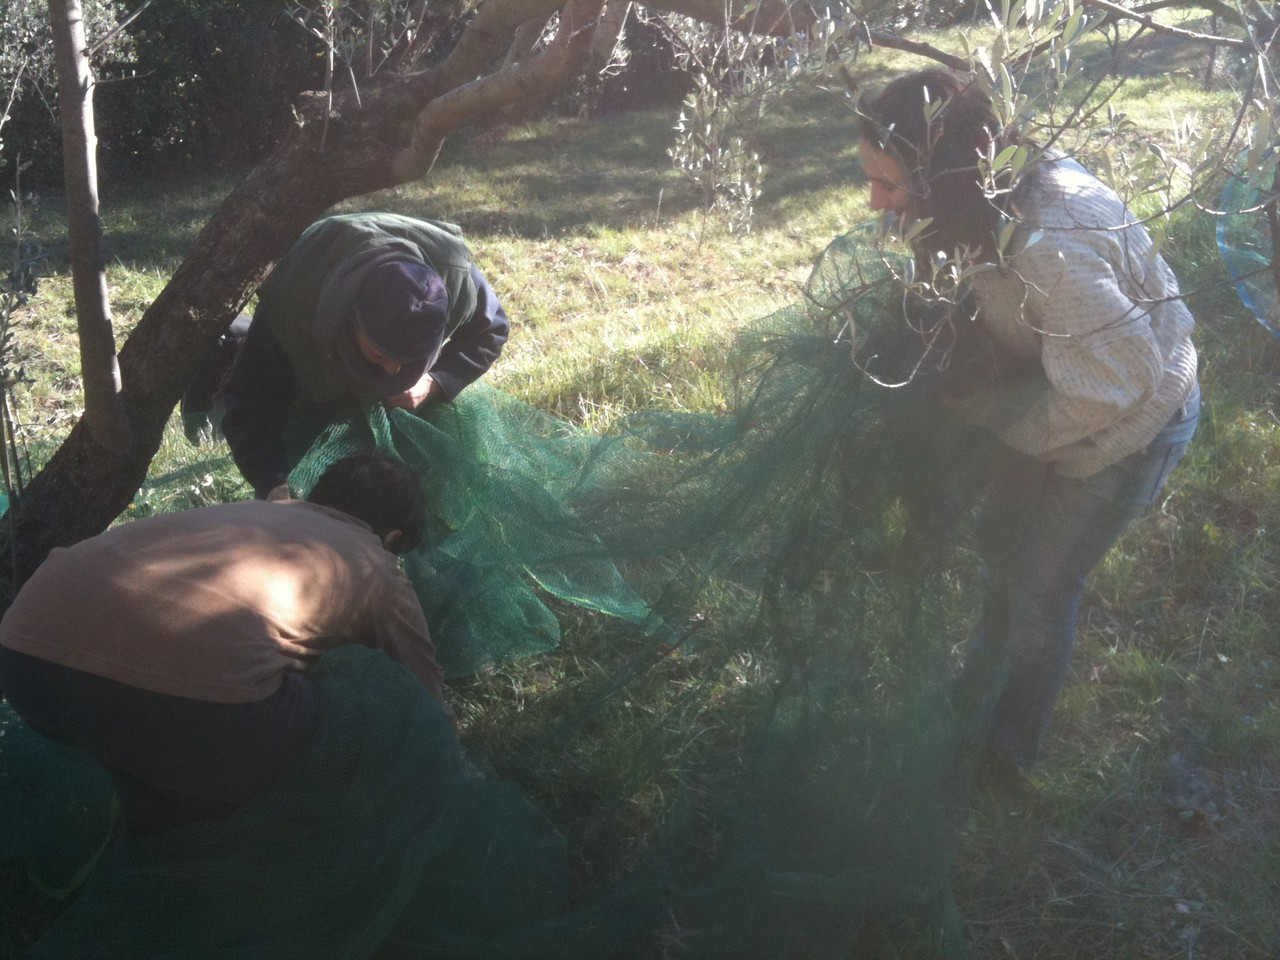 Les olives sont rassemblées dans le filet